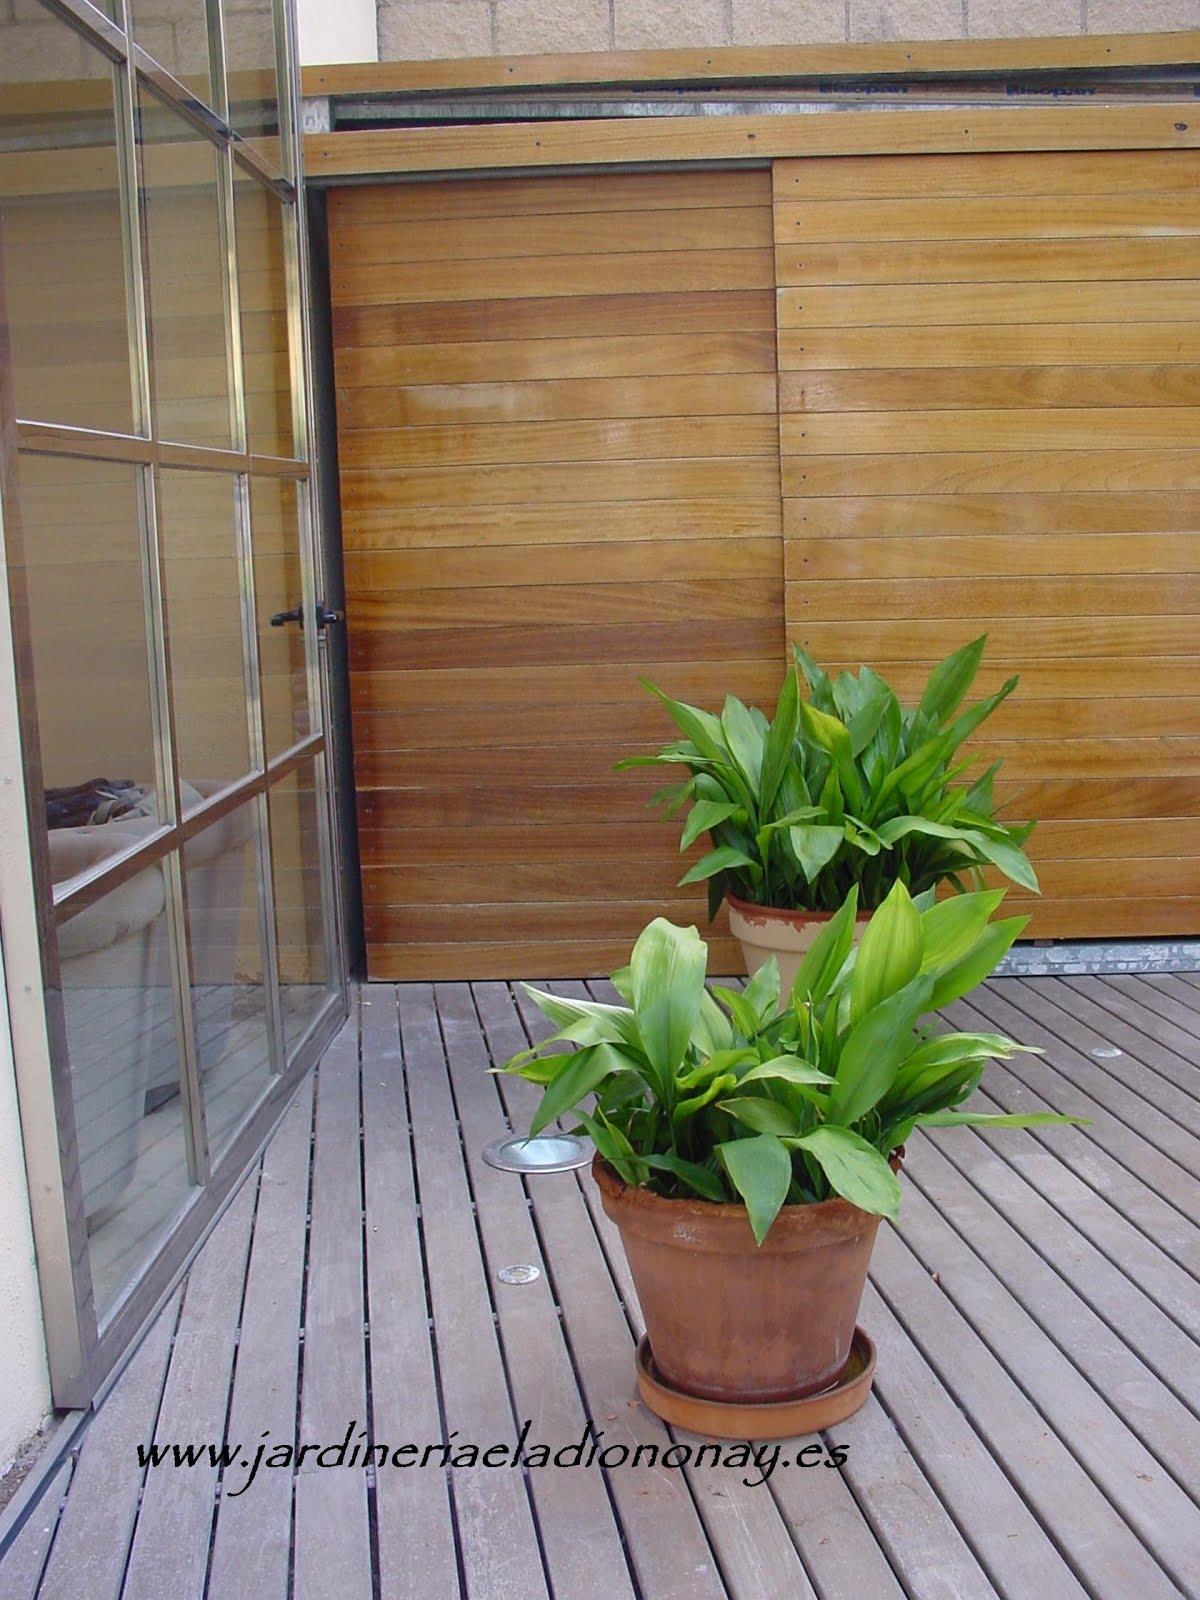 Jardineria eladio nonay patios interiores con estilo - Patios con estilo ...